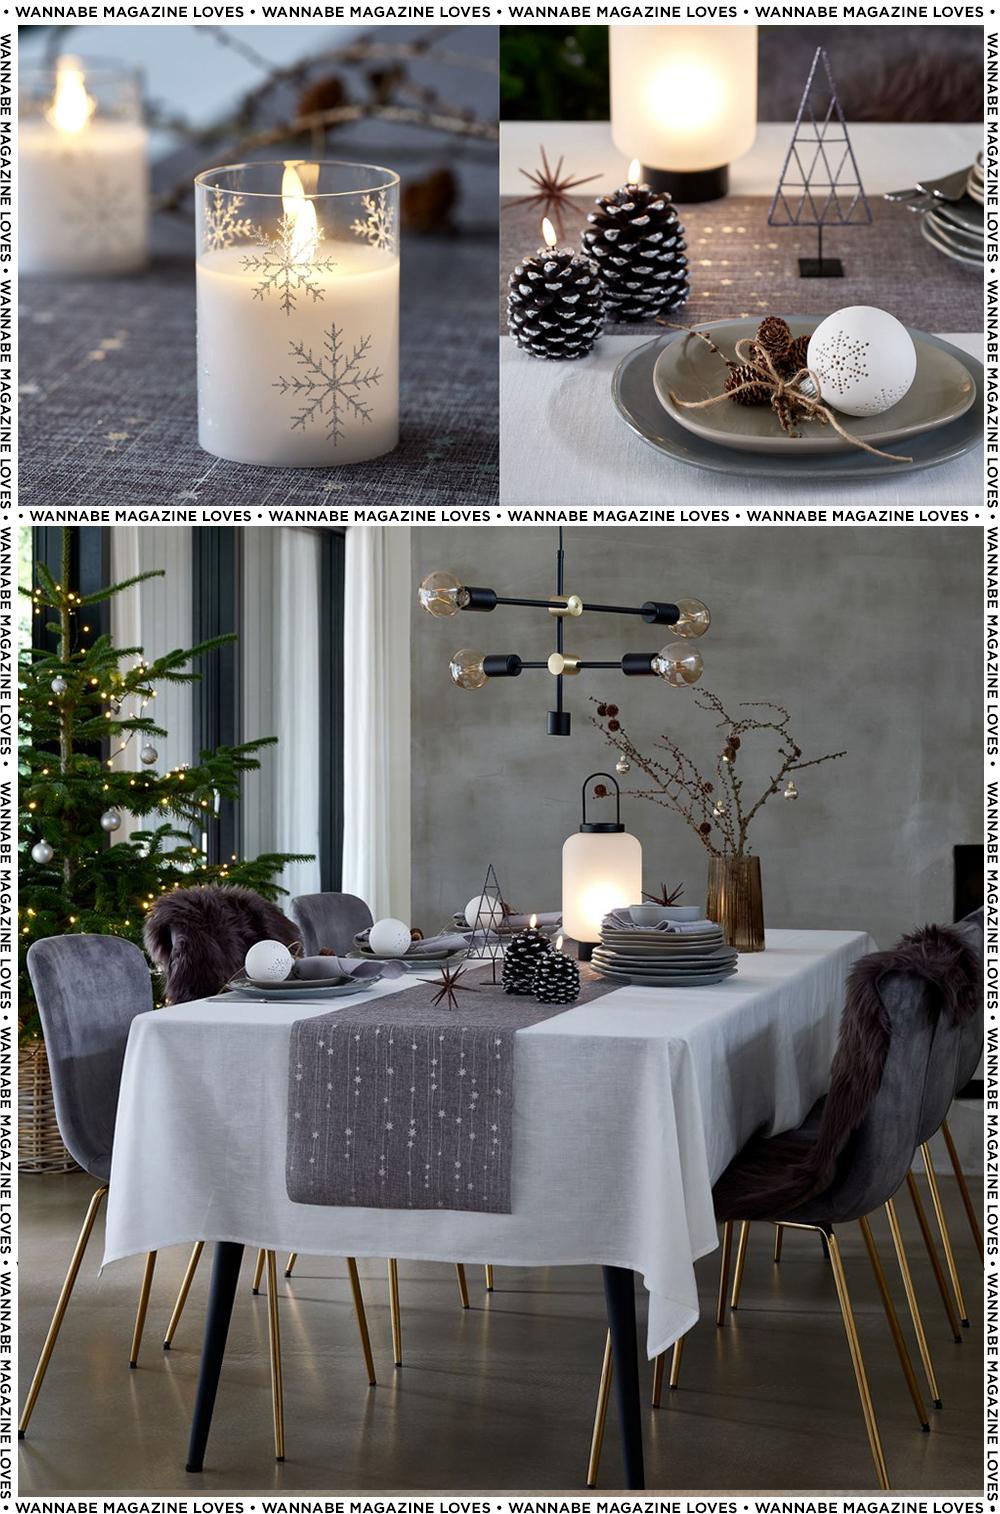 j3 1 Unesite novogodišnje raspoloženje u svoj dom ovim prazničnim detaljima